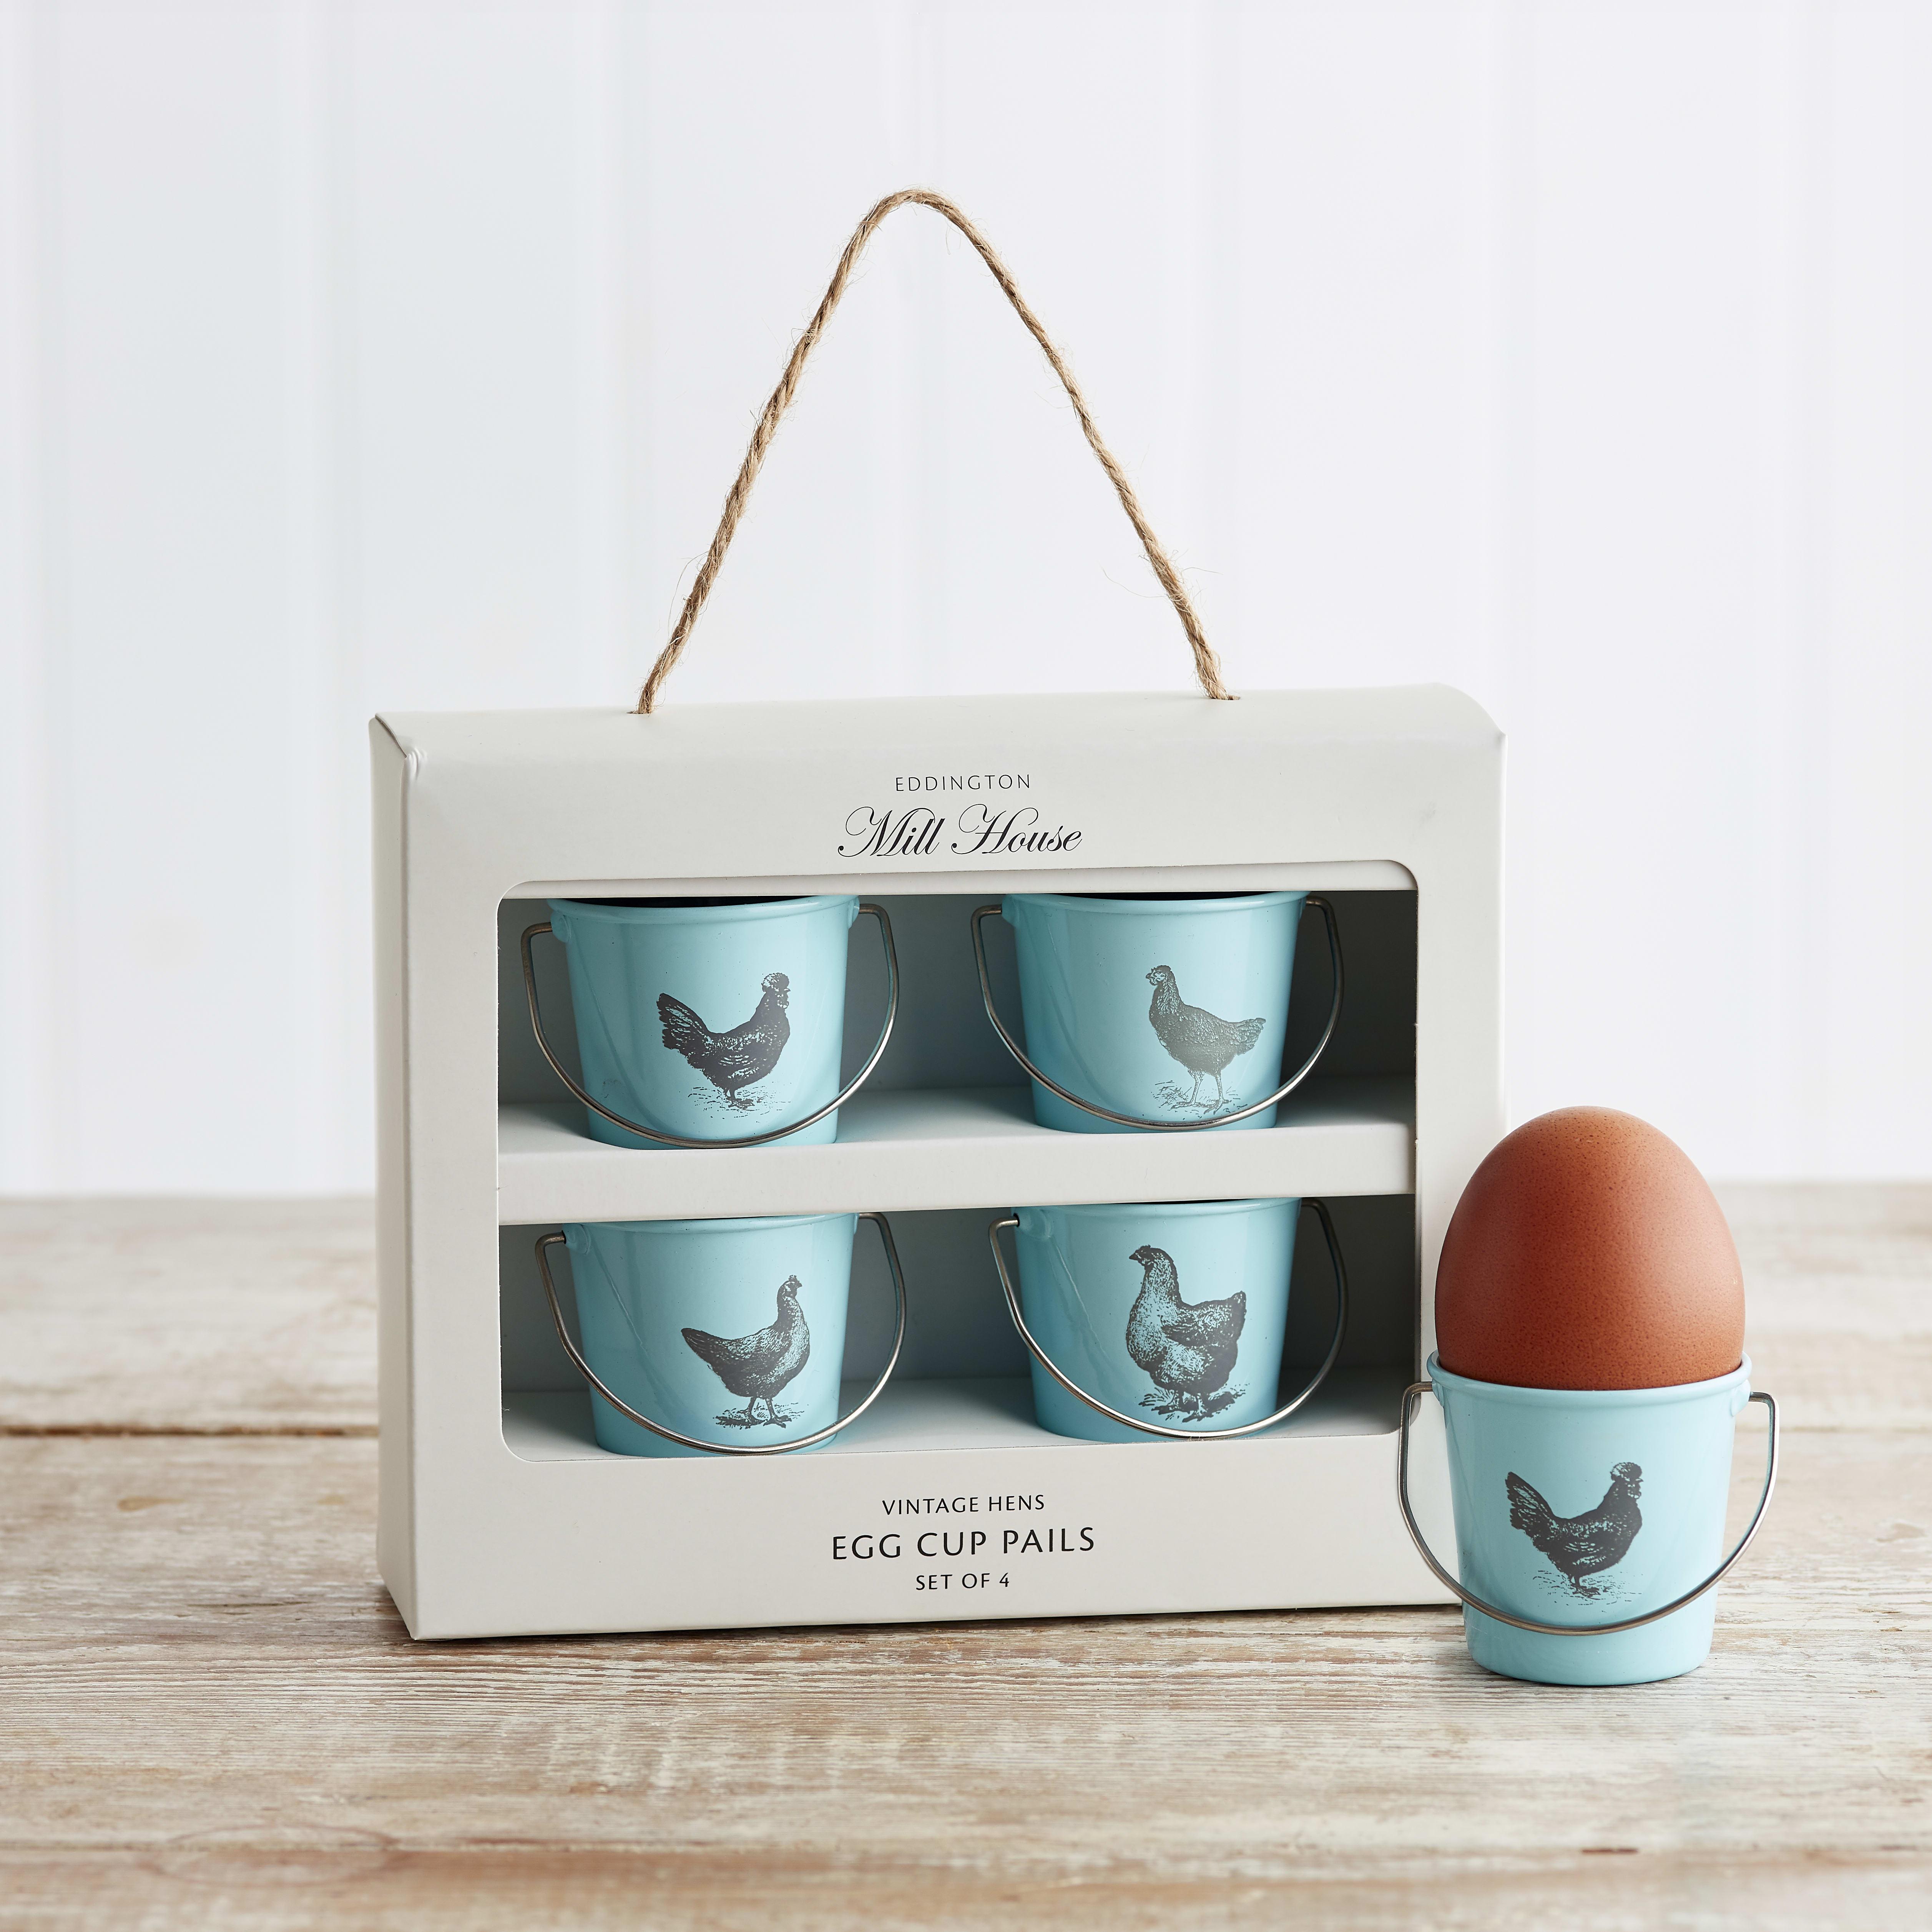 Eddingtons Vintage Egg Cup Pails, 4 Pack